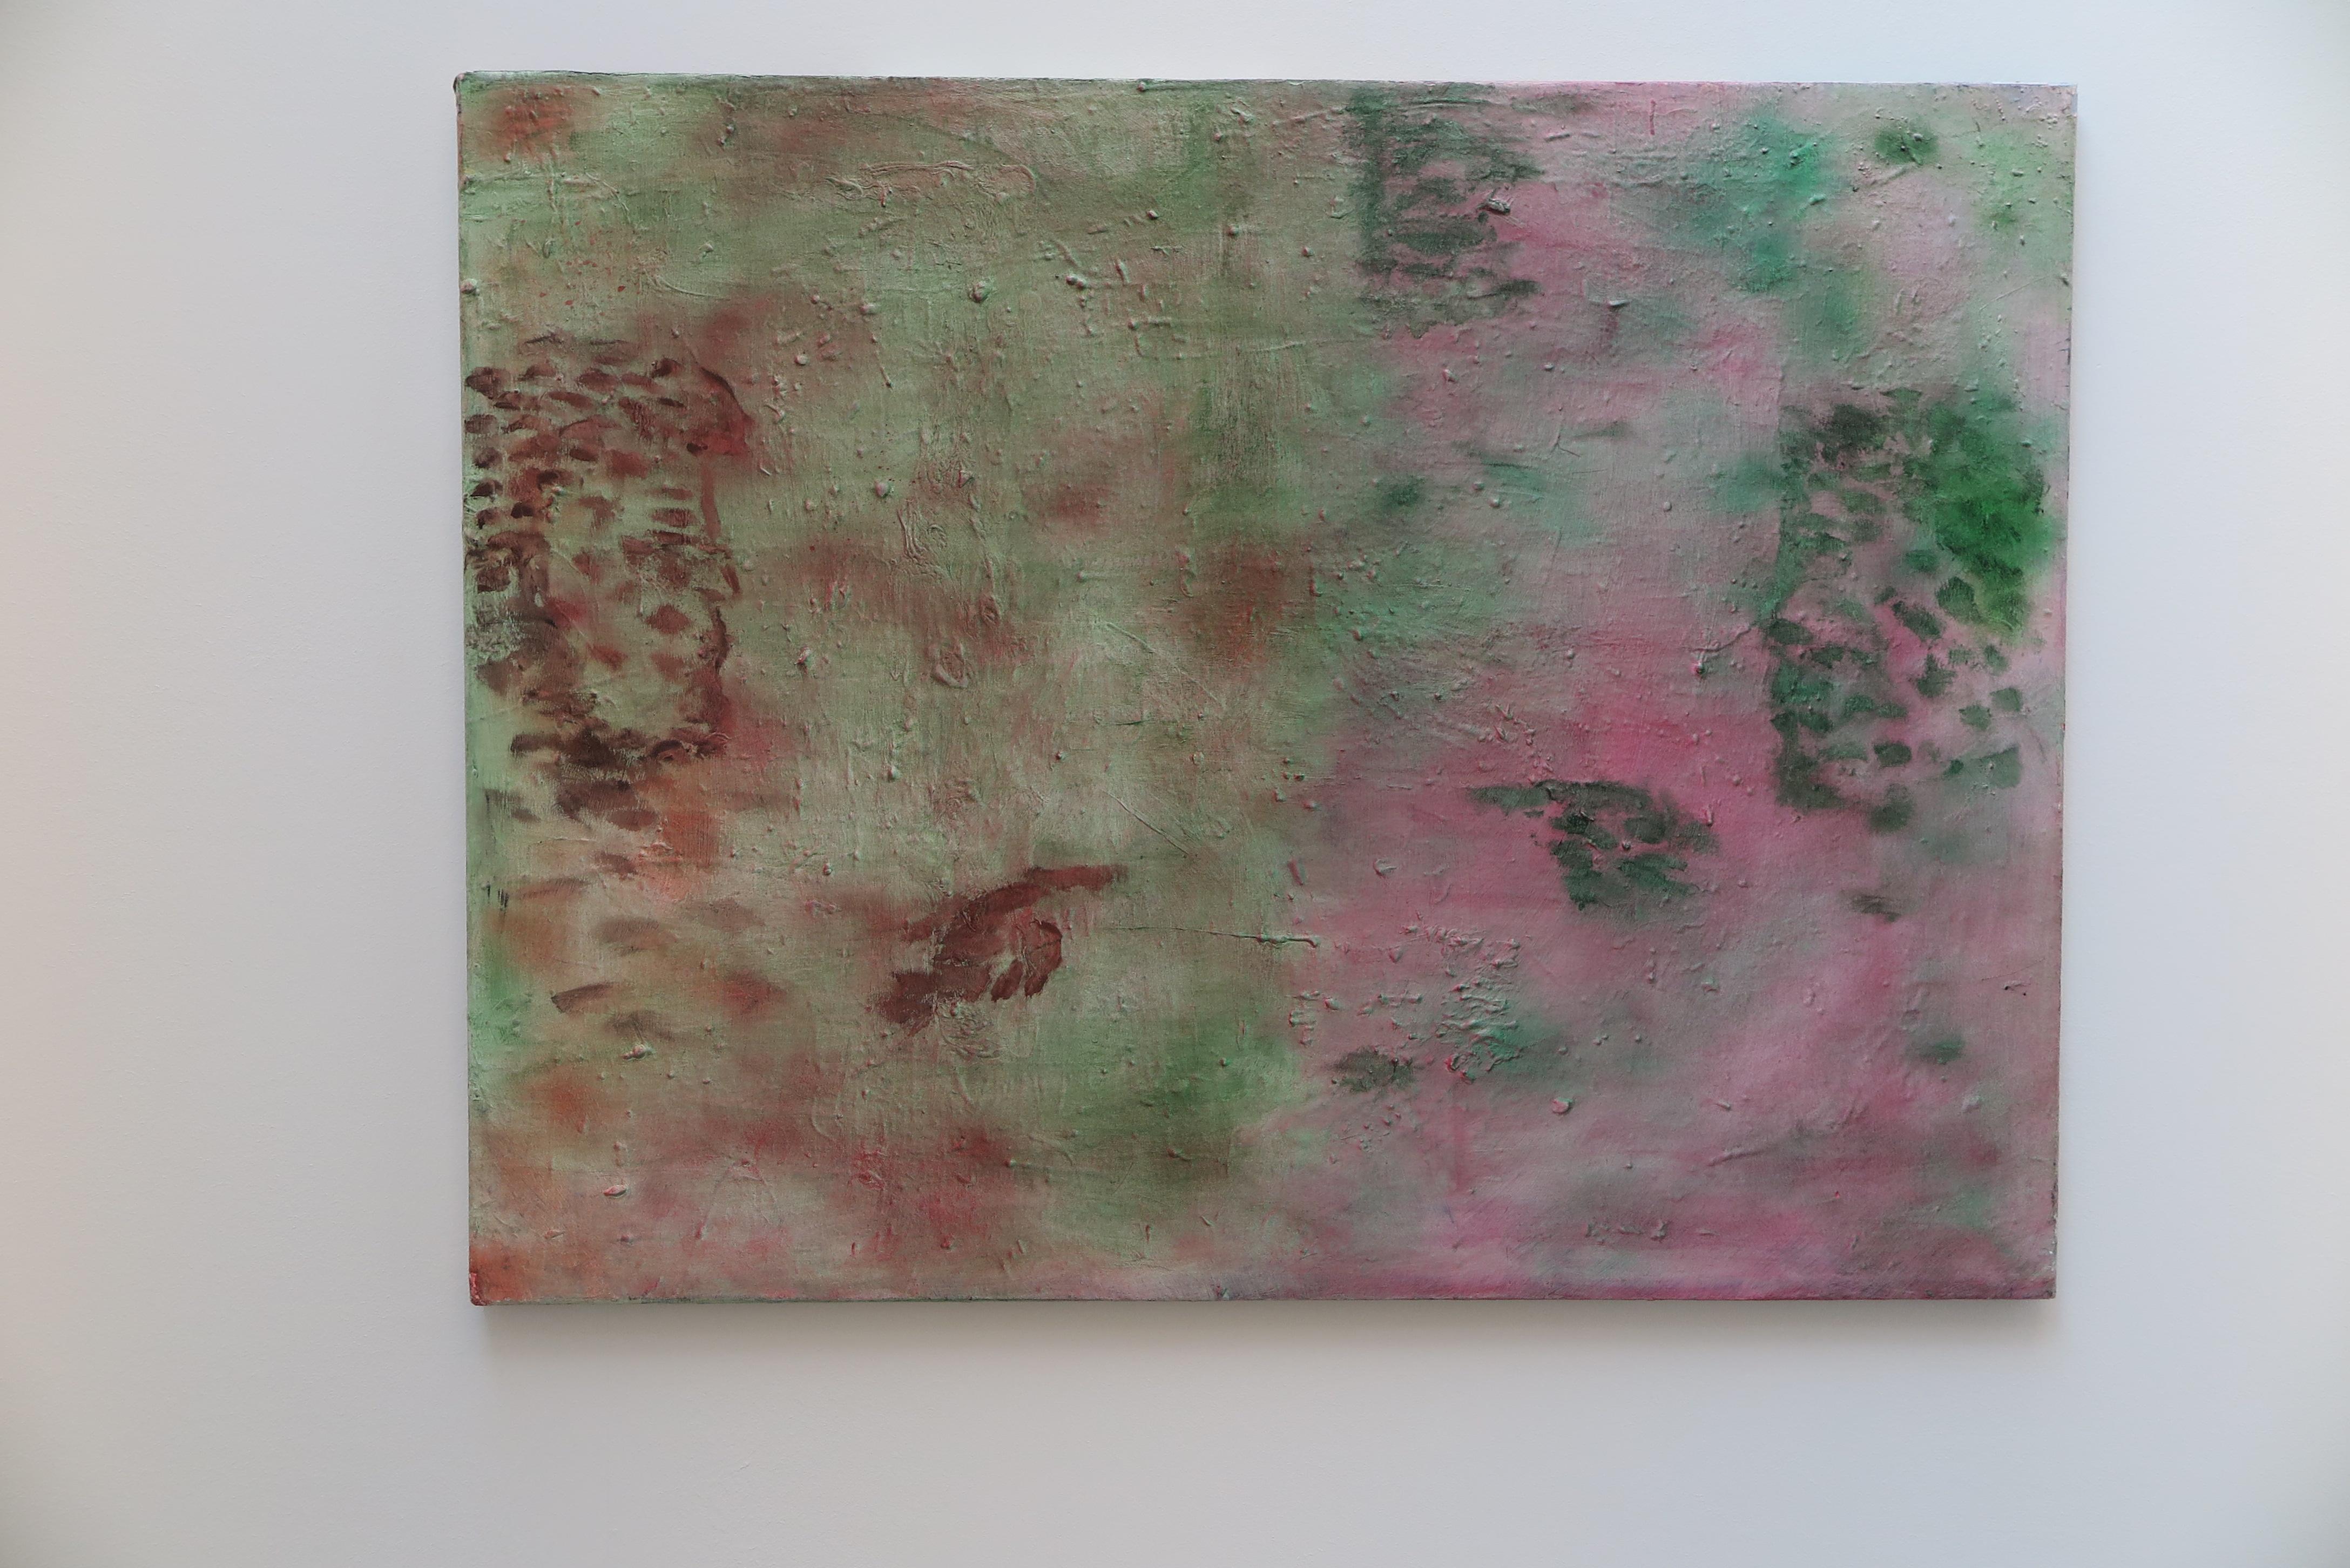 Allard Rand - Untitled